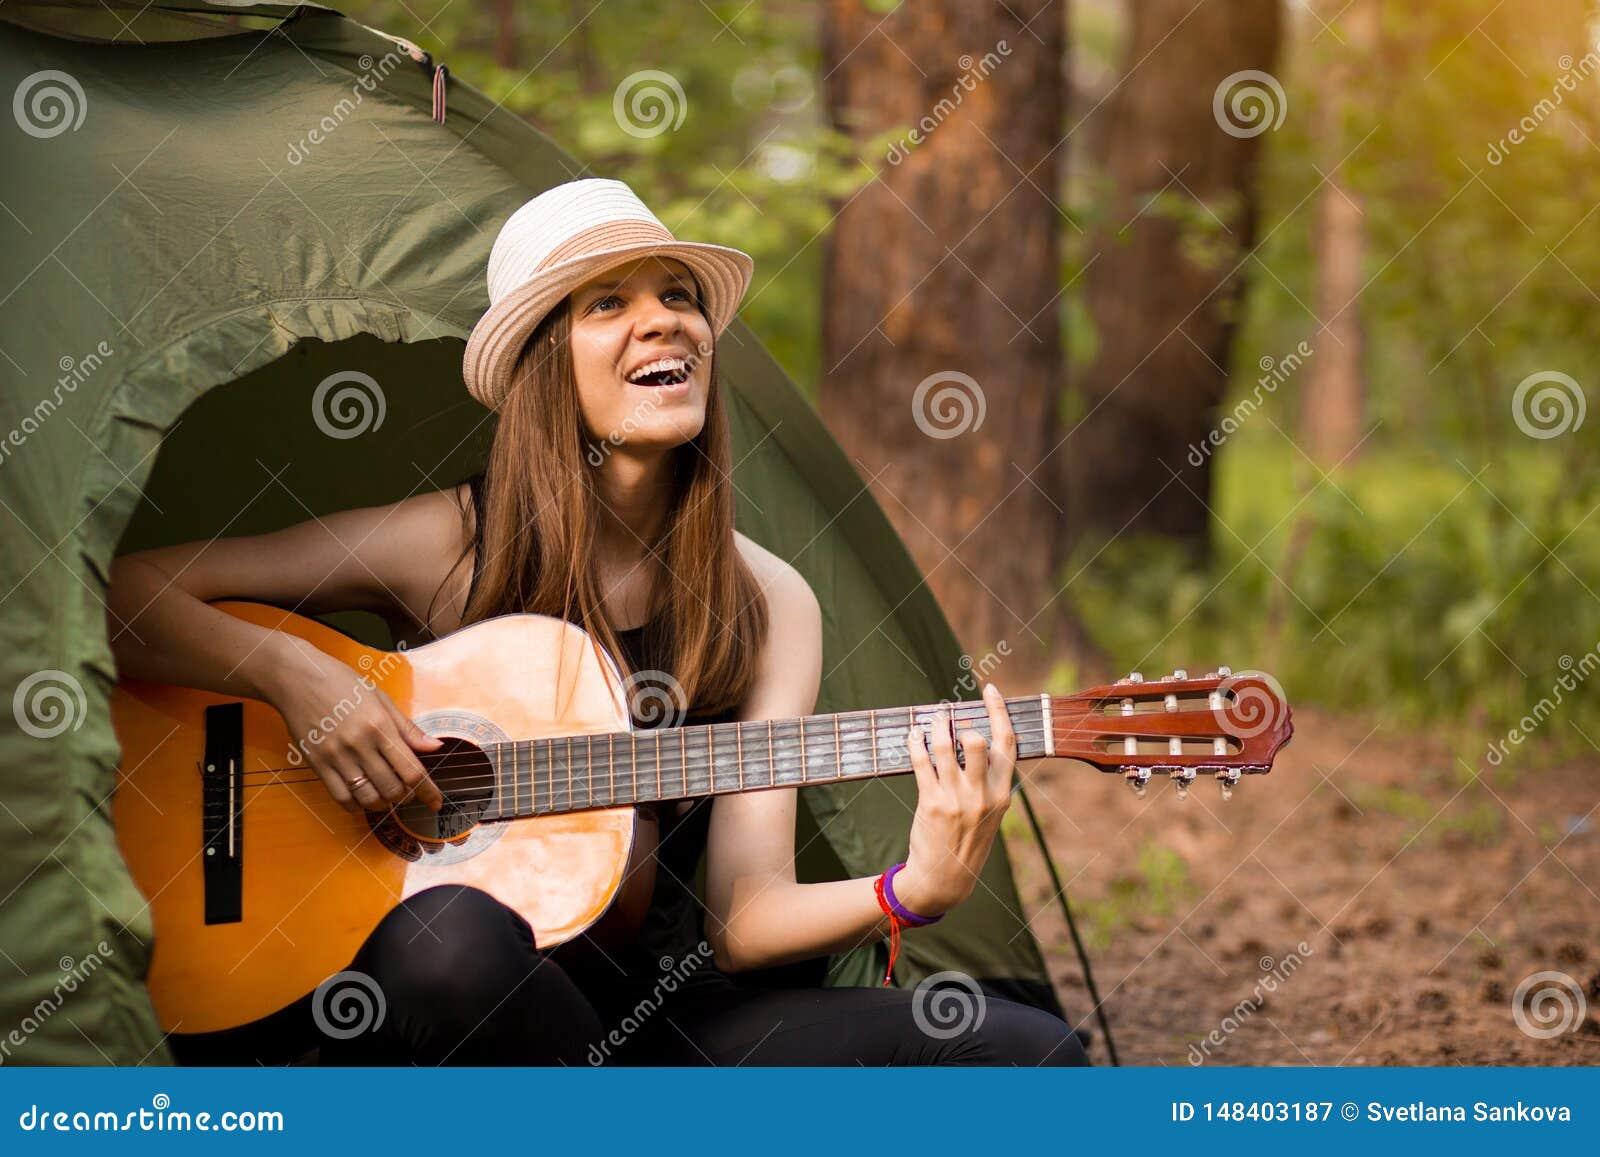 Turystyczna dziewczyna w kapeluszu siedzi w namiocie i bawi? si? gitary poj?cie Turystyka odpoczynek na naturze